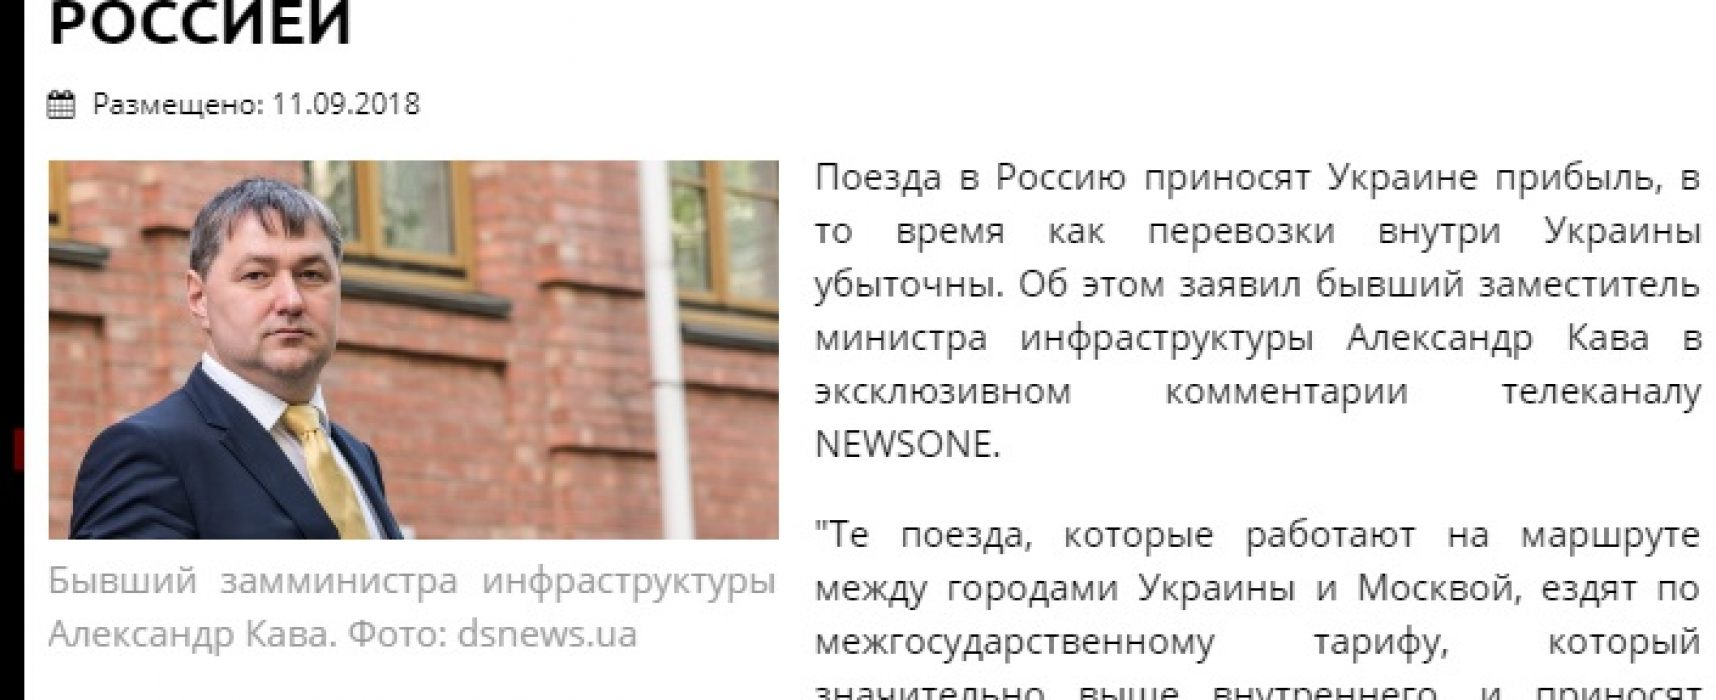 """Fake: PAT """"Ukrzaliznytsya"""" licenzierà 5 mila dipendenti a causa della cancellazione della linea ferroviaria con la Russia"""